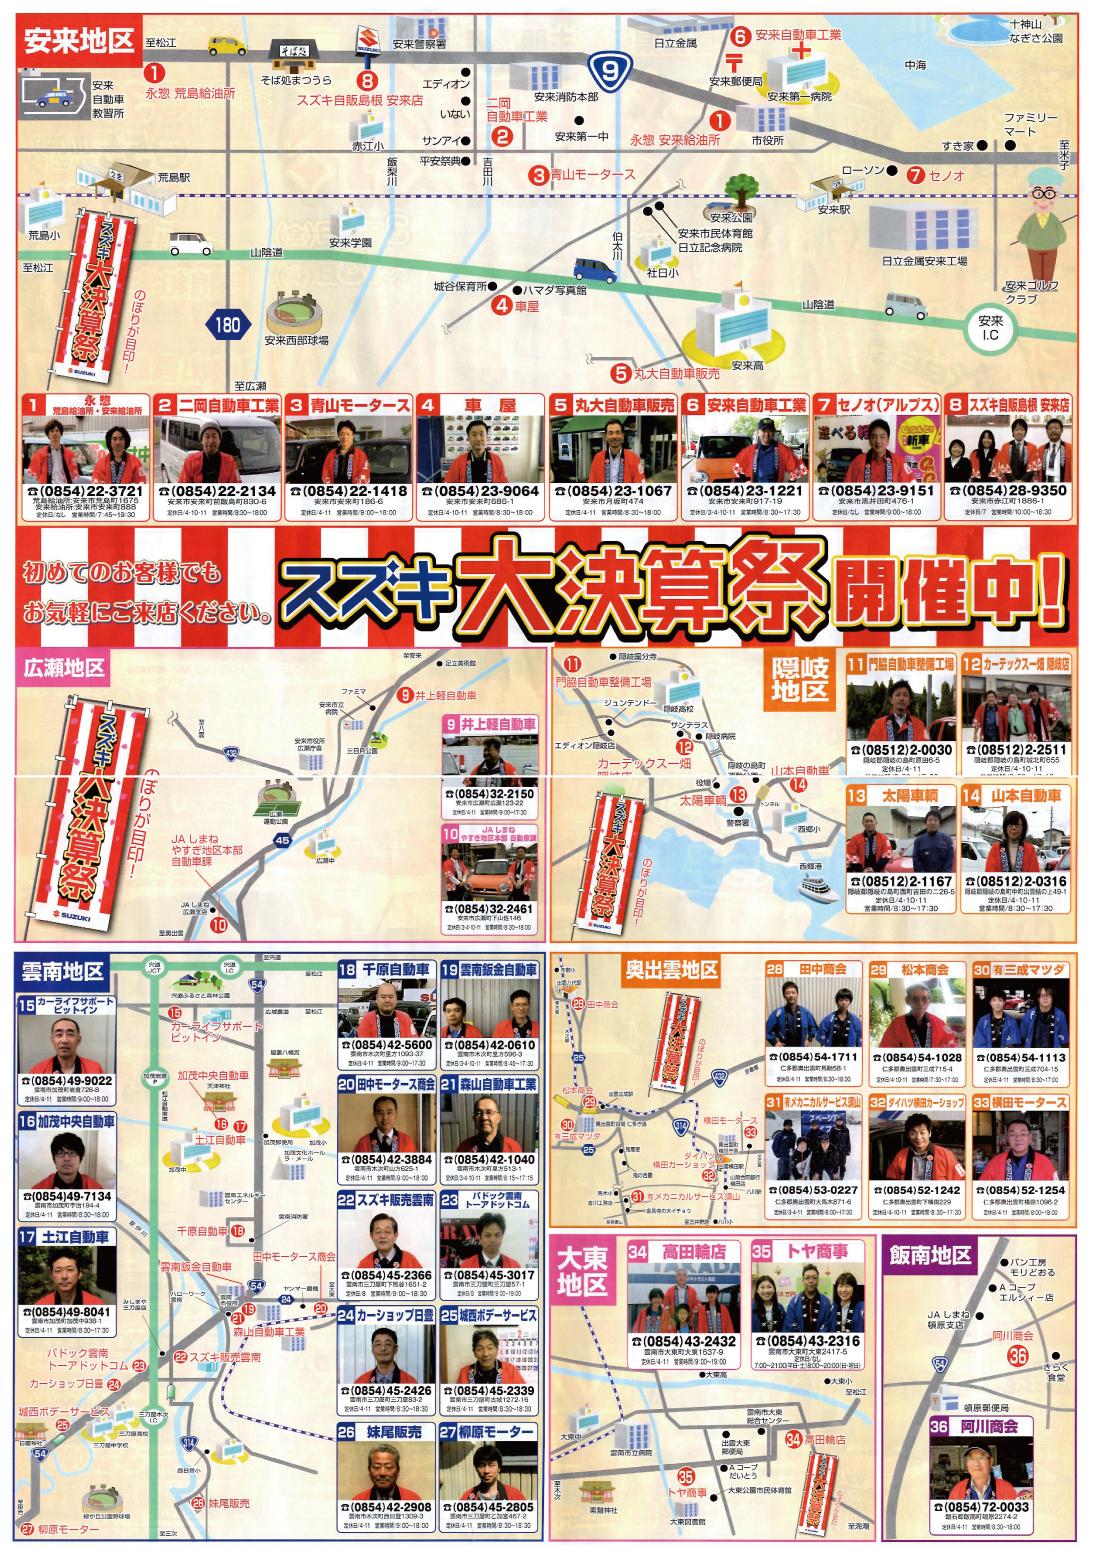 3月2日~13日 島根県スズキ販売店合同 大決算祭【スズキ】